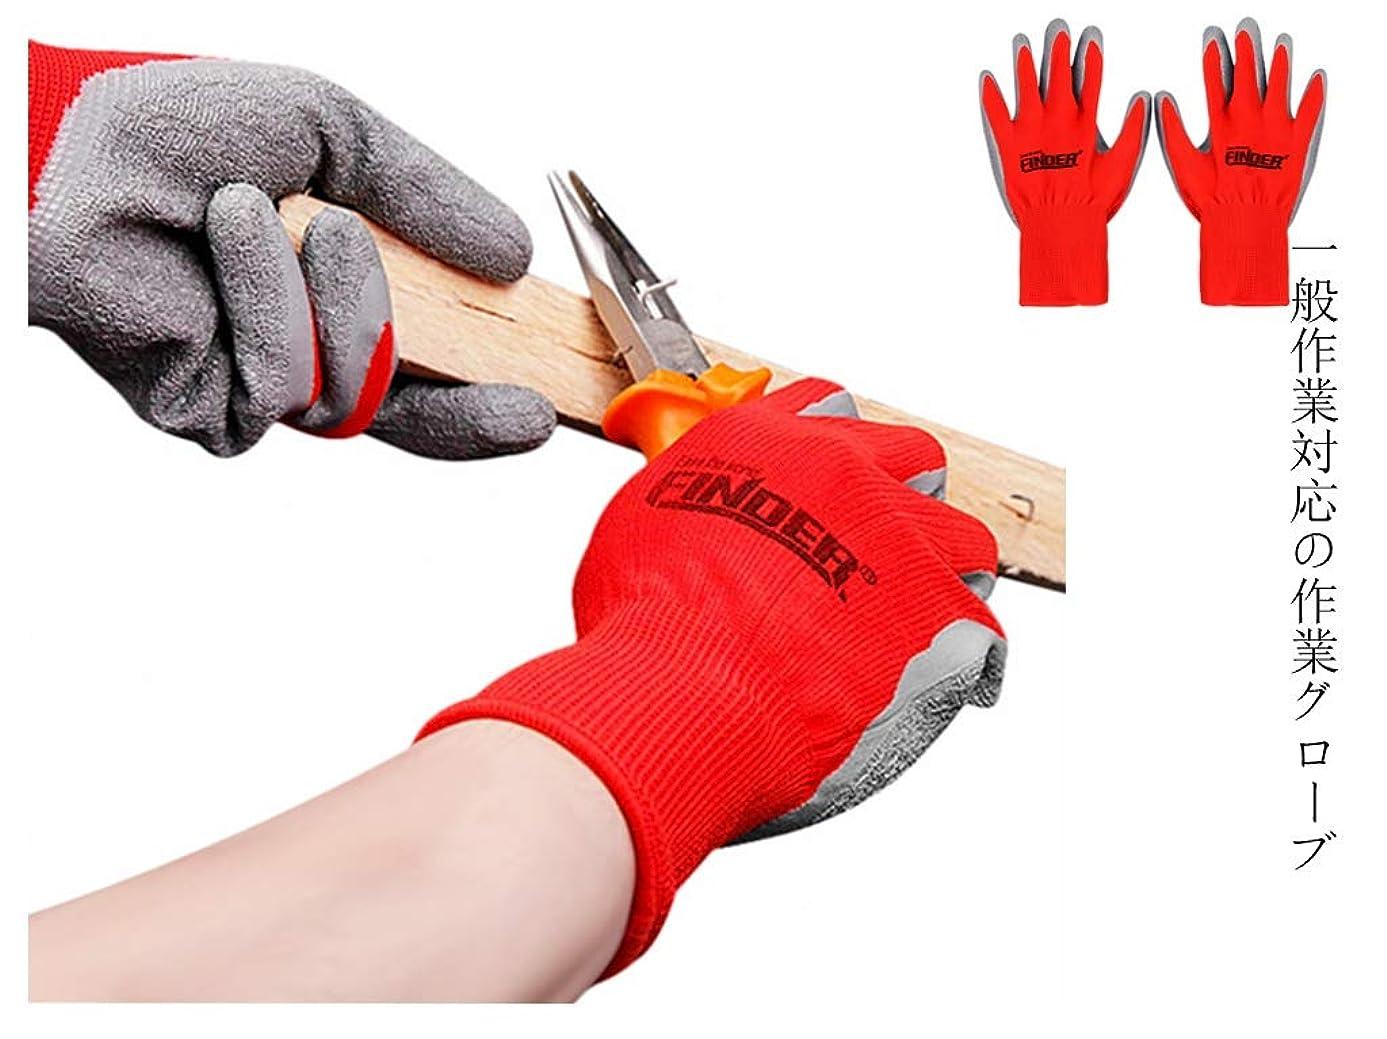 一般作業対応 作業グローブ 編み物 手袋 軍手 割り防止 メカニックスグローブ 耐熱 耐摩耗性 作業用 丈夫 多目的 絶縁性 タクティカルグローブ ワークマン 快適